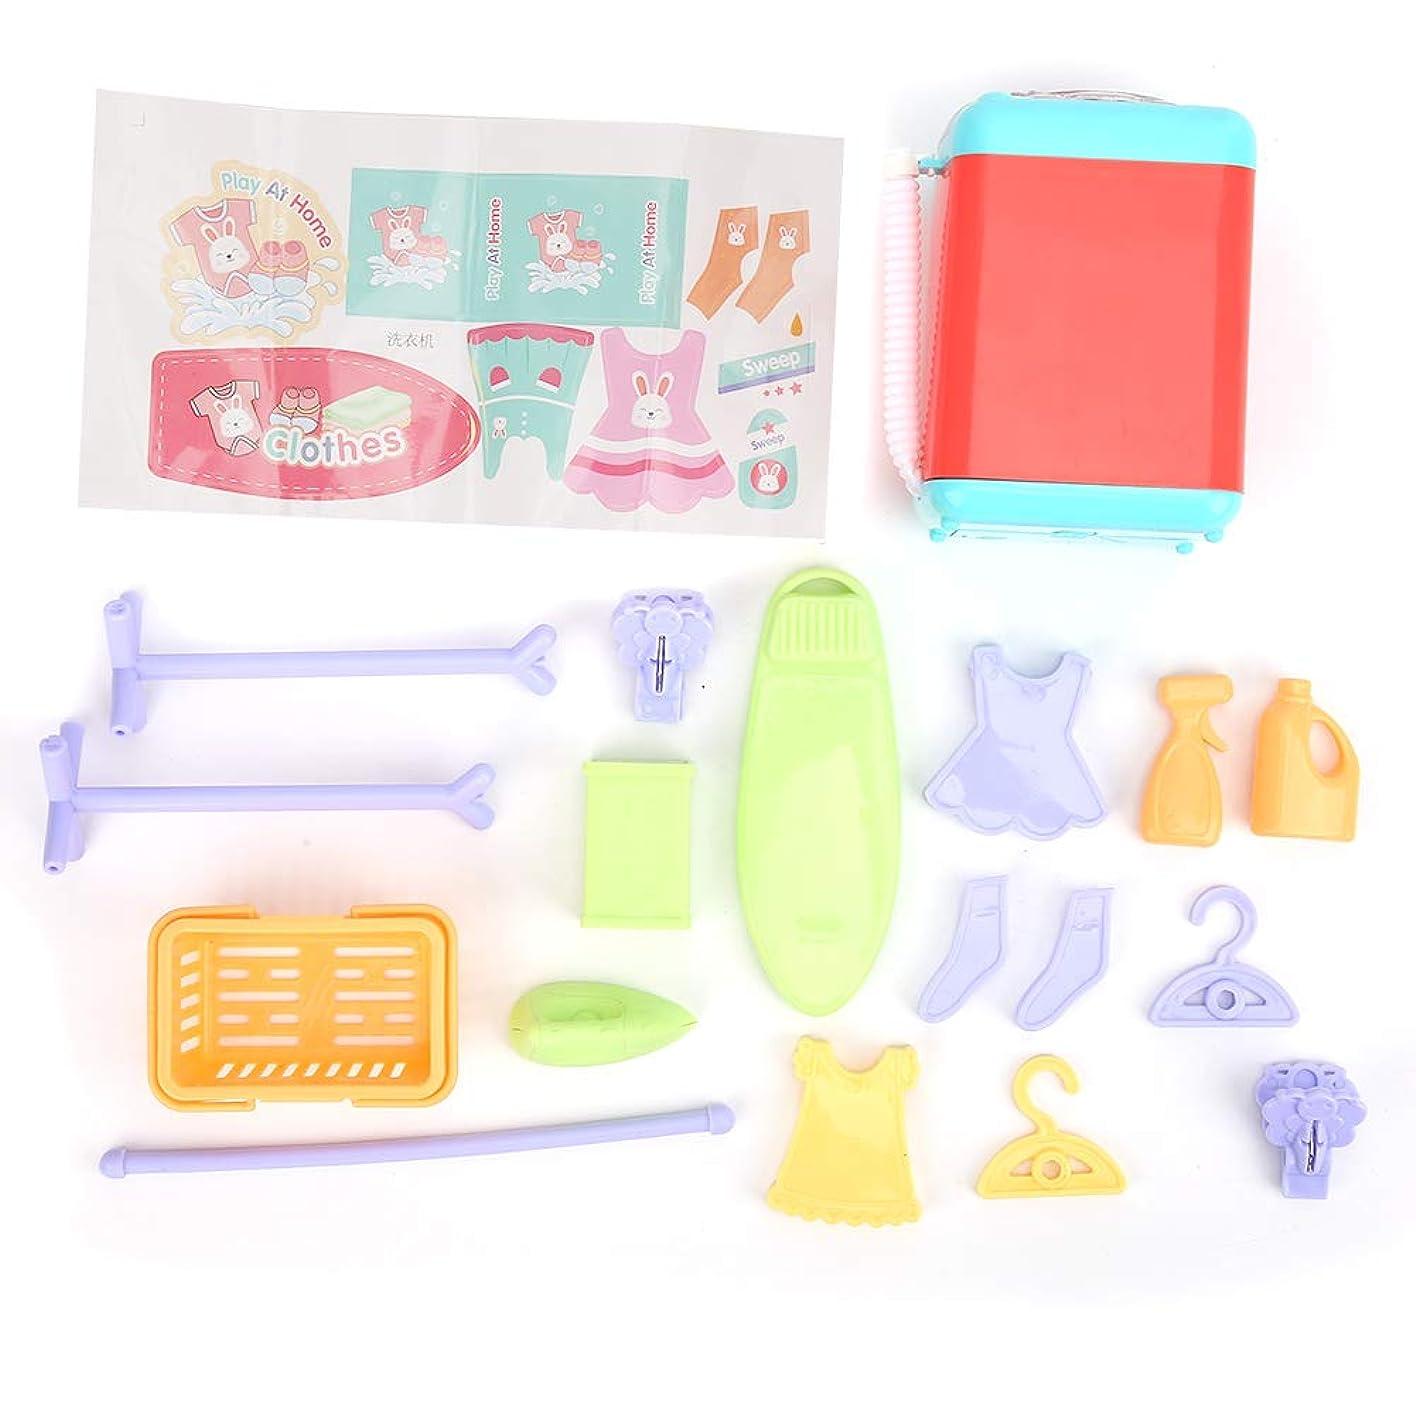 数学者例チキン子供の洗濯機のおもちゃ、洗濯機のおもちゃ、絶妙な仕上がりの音をライトアップする子供のための非常に興味深いシミュレーション(washing machine)